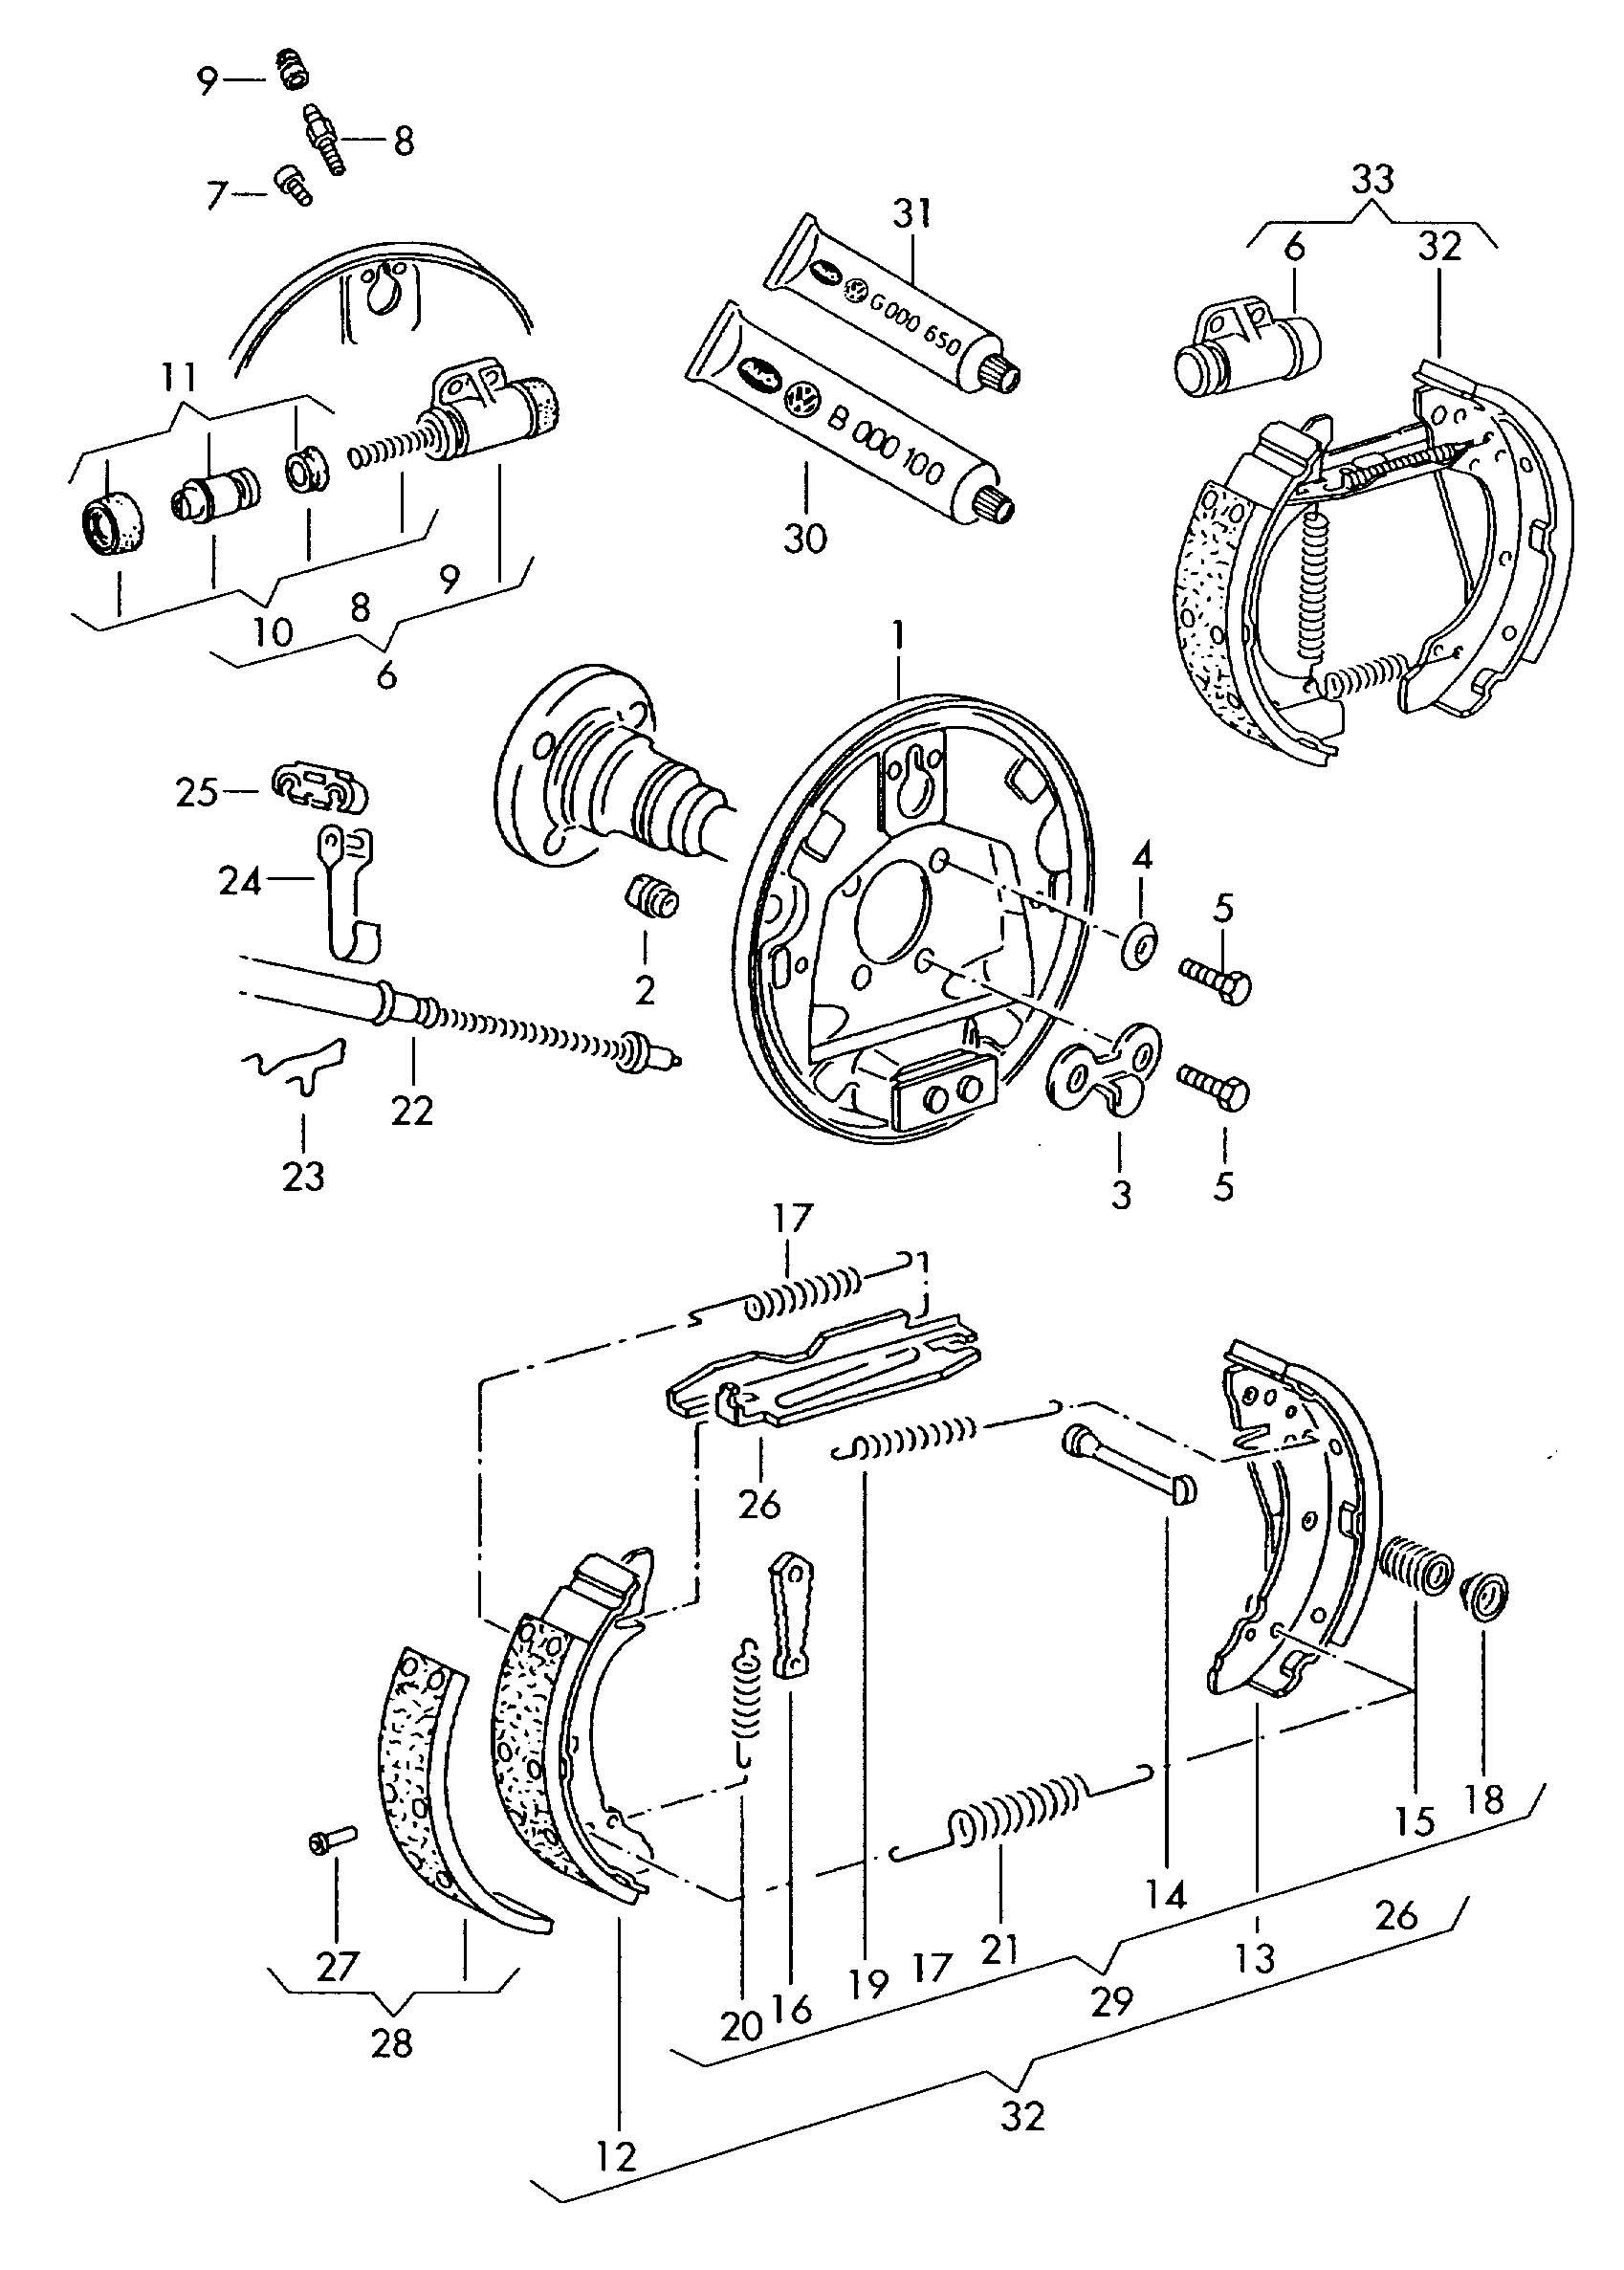 99 Vw Cabrio Wiring Diagraham